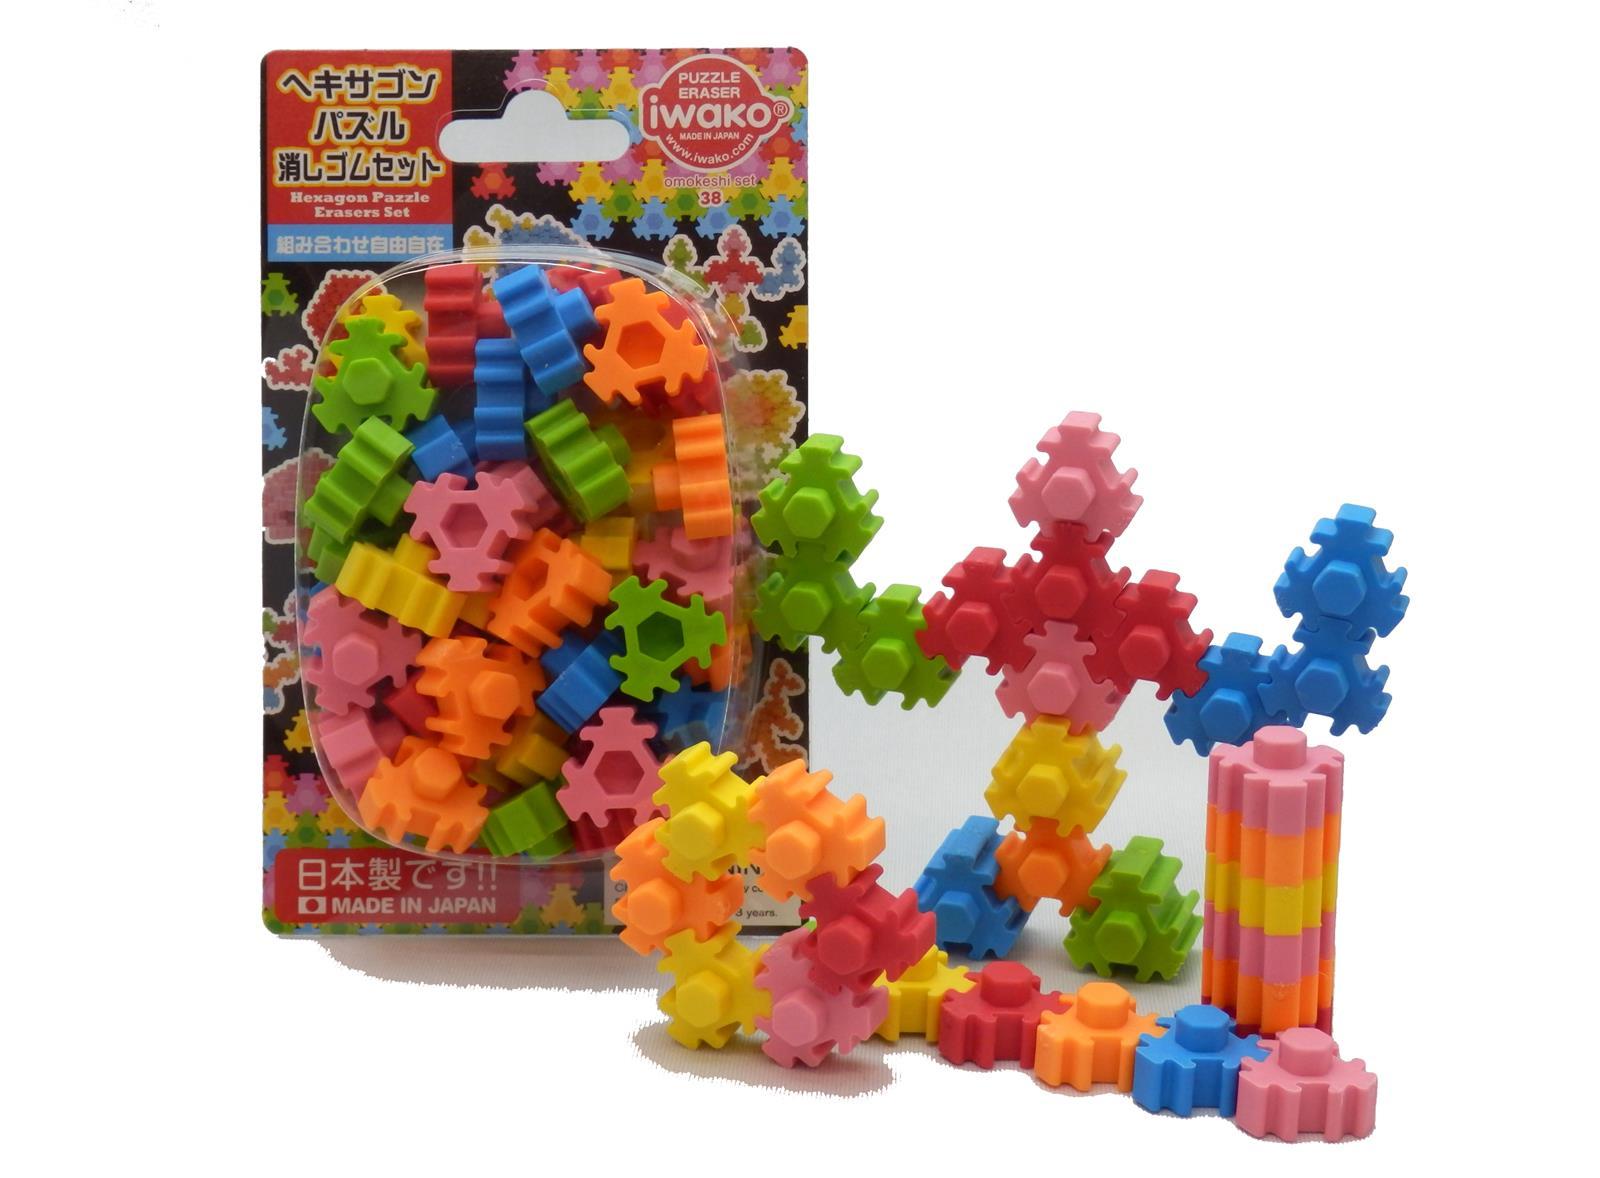 BCMini Iwako Hexagon Eraser